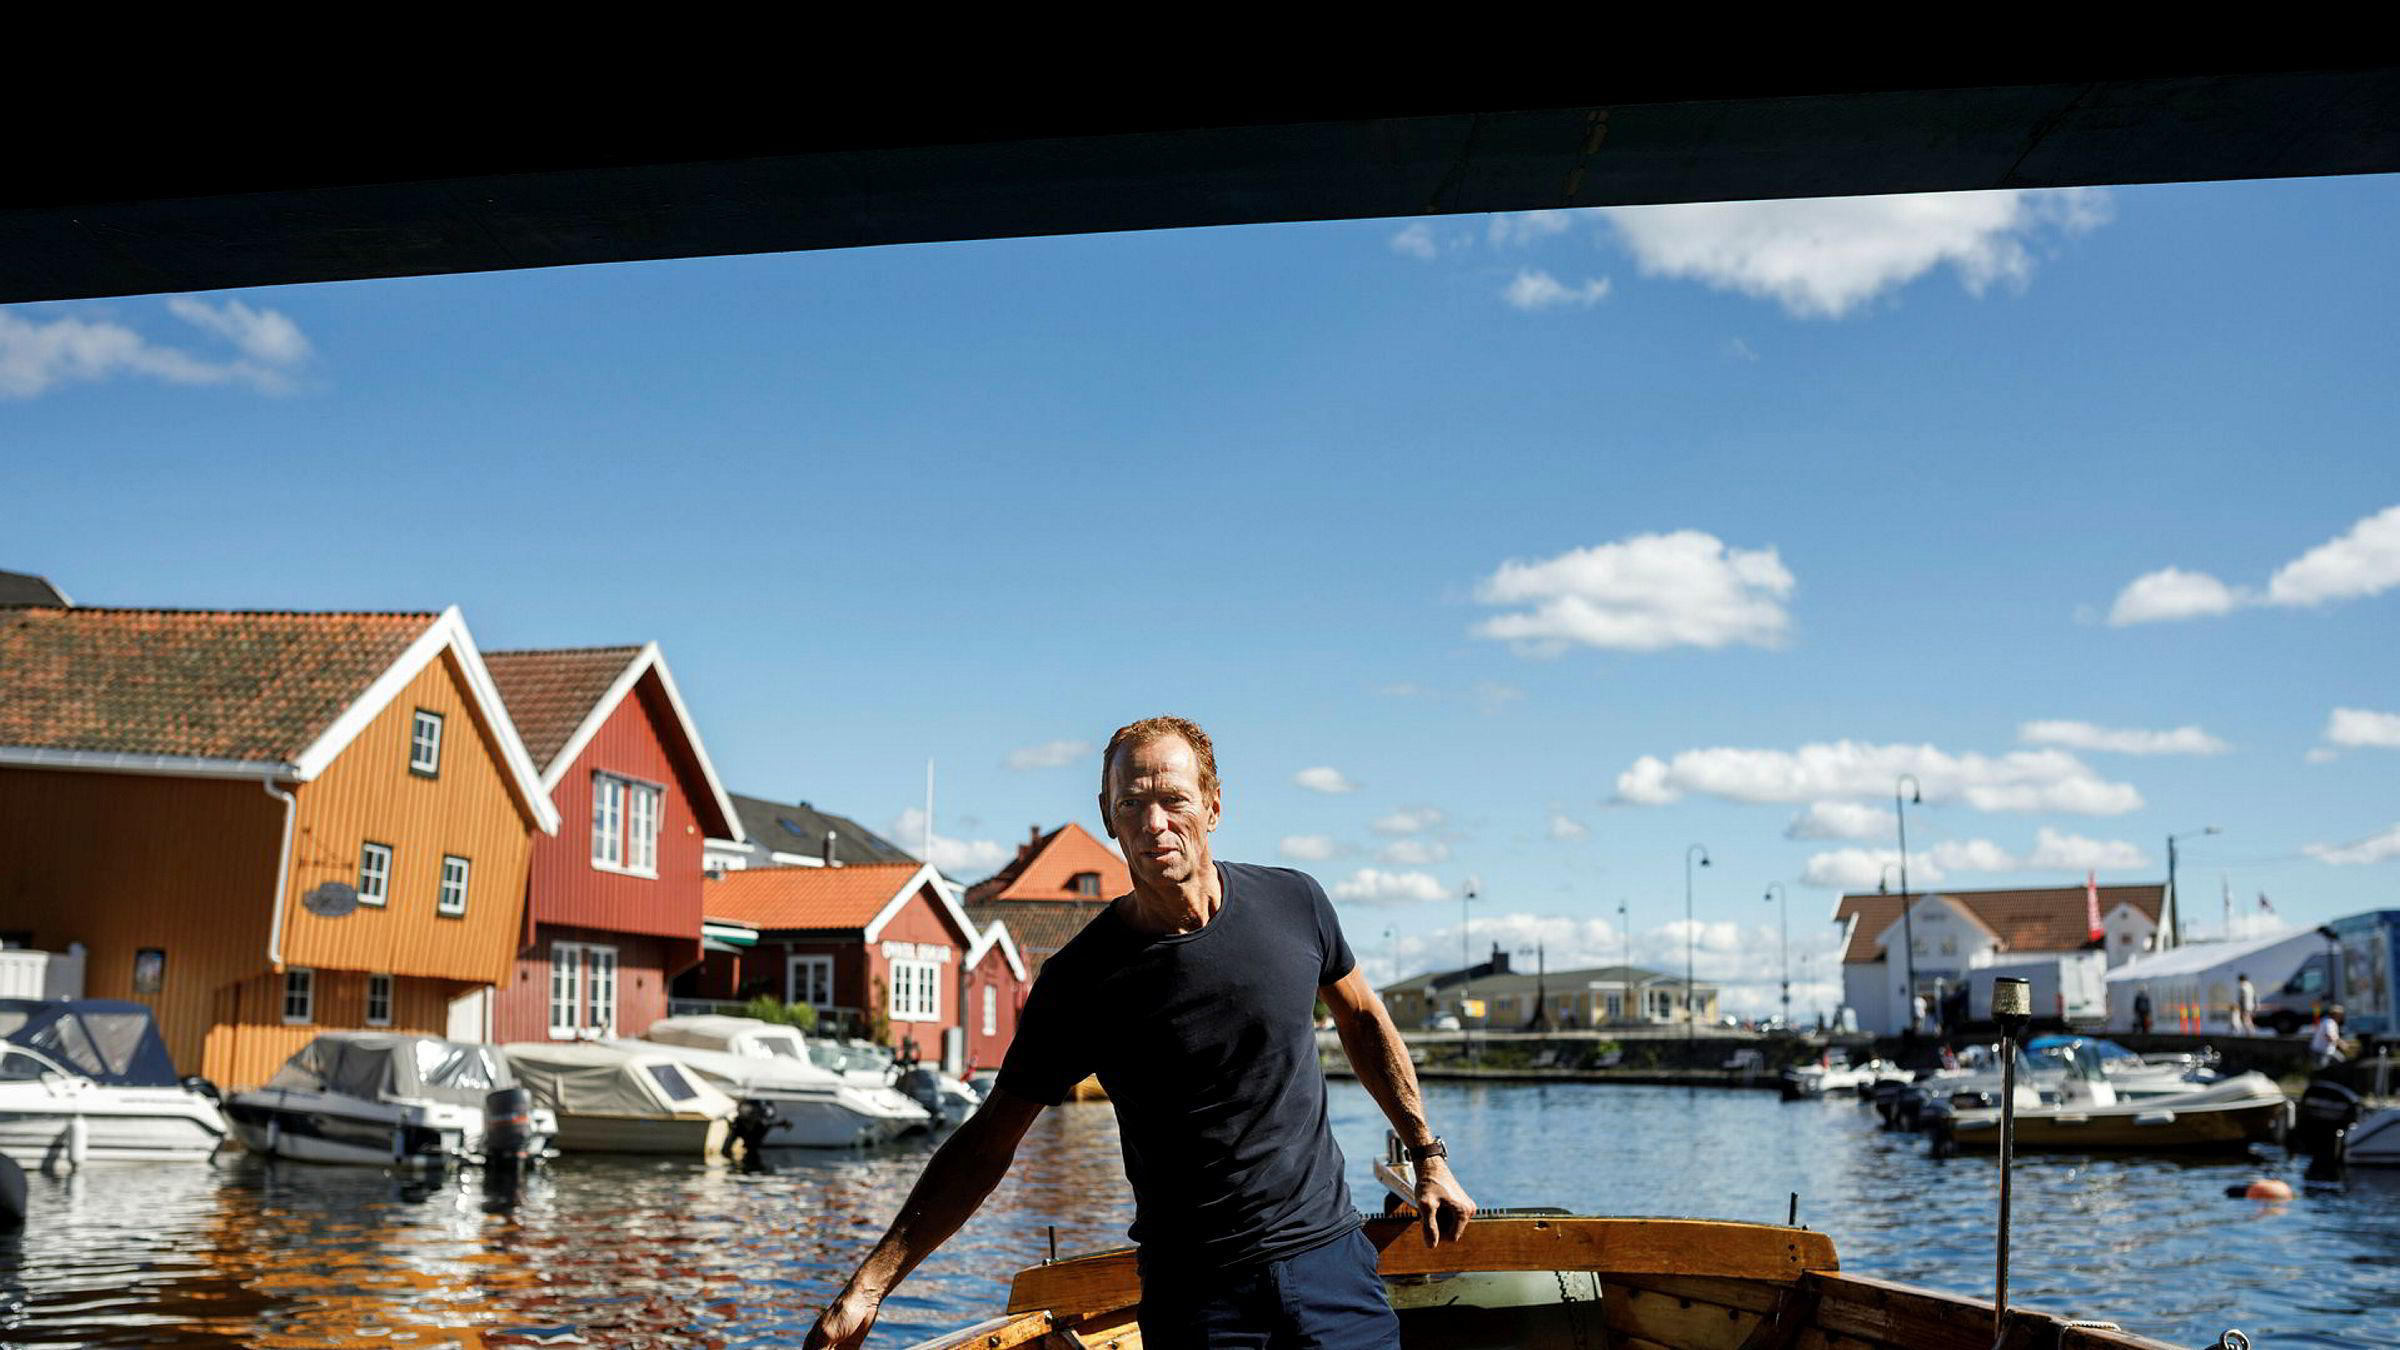 Ved utgangen av fjoråret eide Ivar Tollefsen eiendom for over 59 milliarder kroner gjennom sitt heleide investeringsselskap Fredensborg AS. I tillegg har han hittil i år handlet eiendom for rundt 14 milliarder kroner. Her ombord i båten i Kragerø, der familien har landsted.